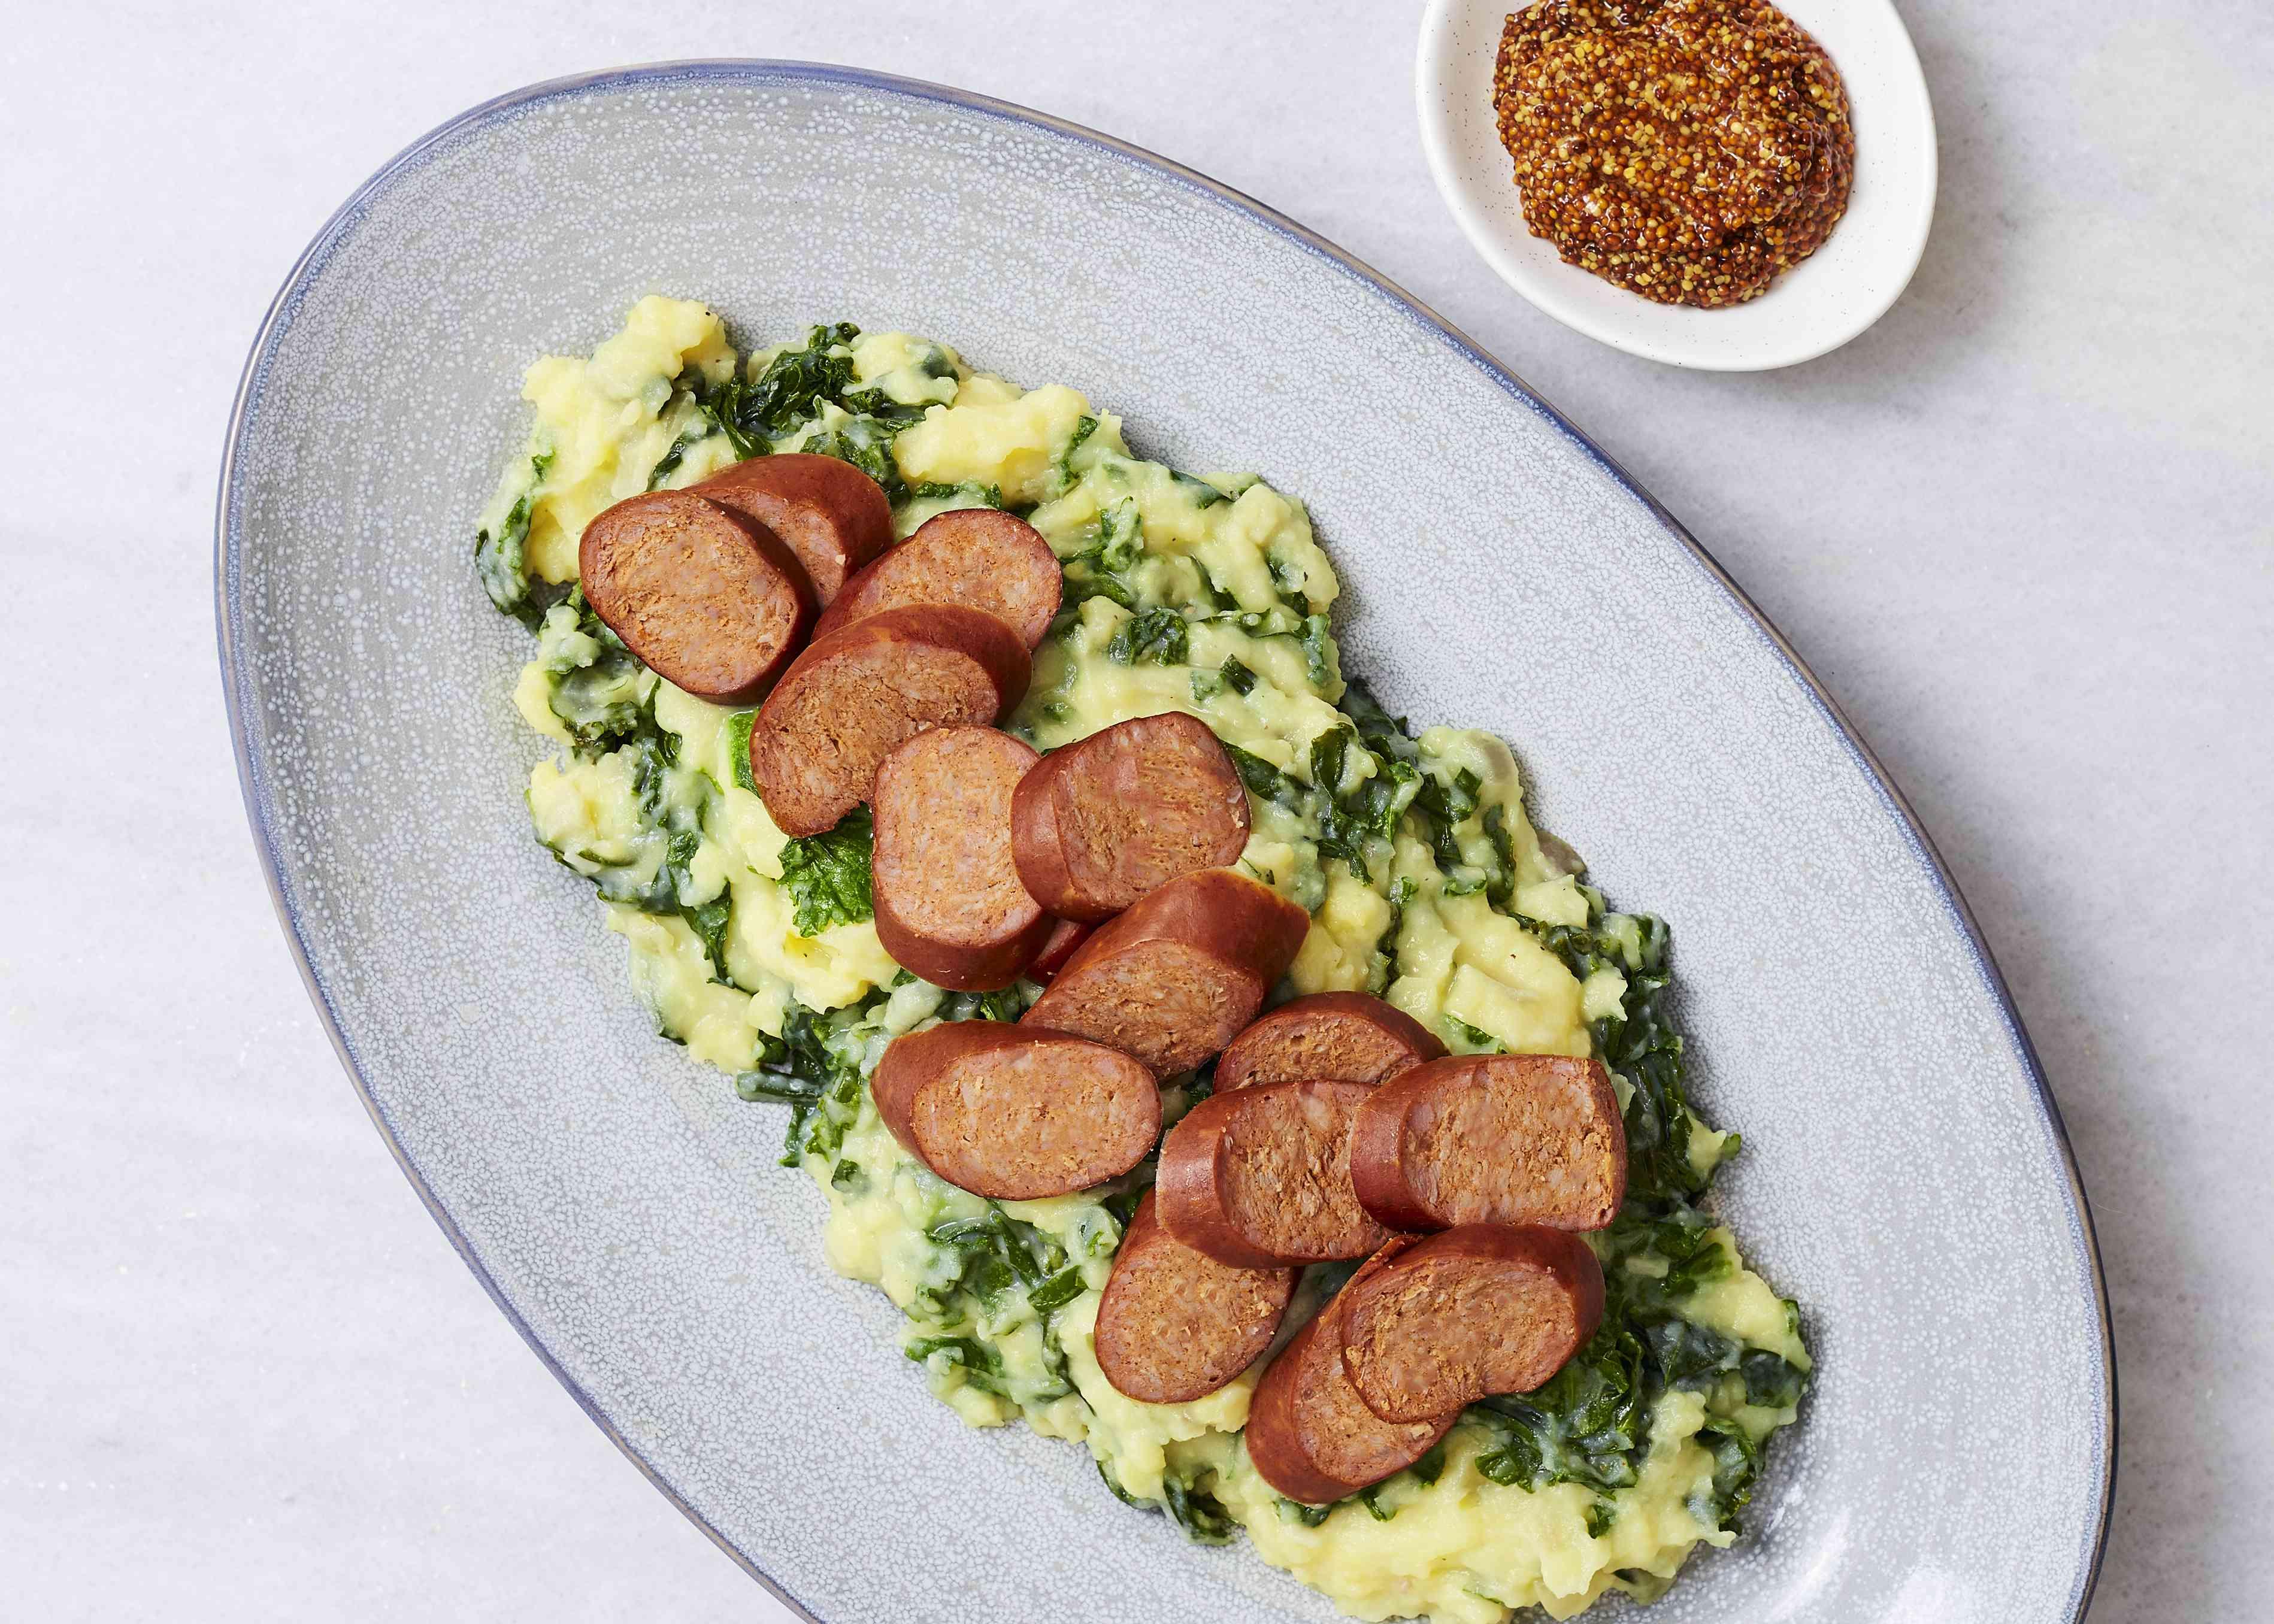 sliced sausage on top of potato mash